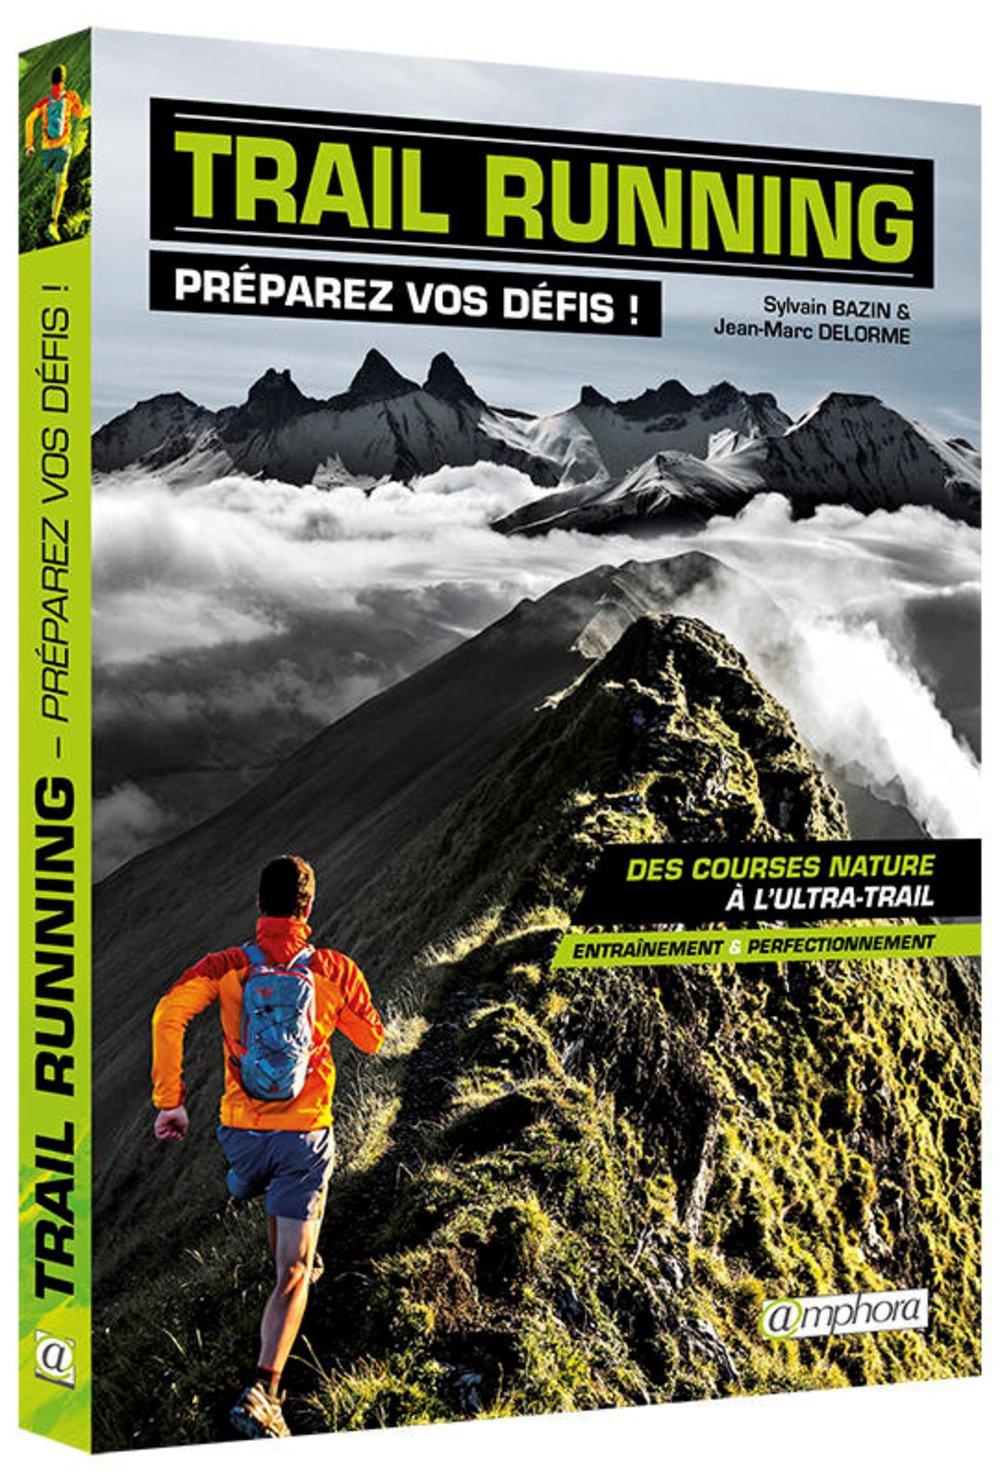 Trail running : préparez vos défis !, des courses nature à l'ultra-trail